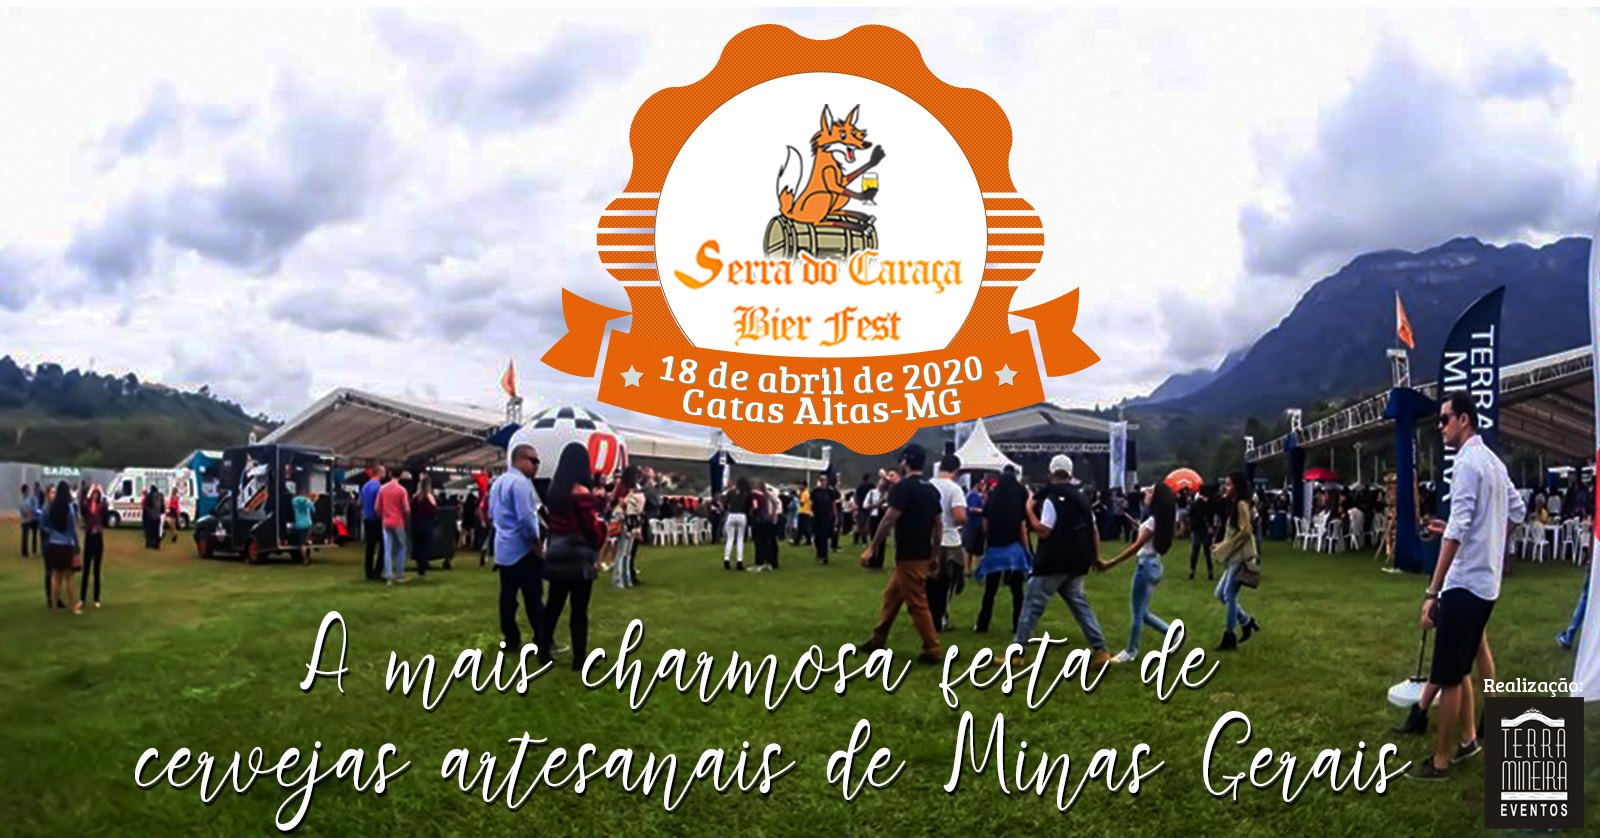 Bier Fest Serra do Caraça 2020